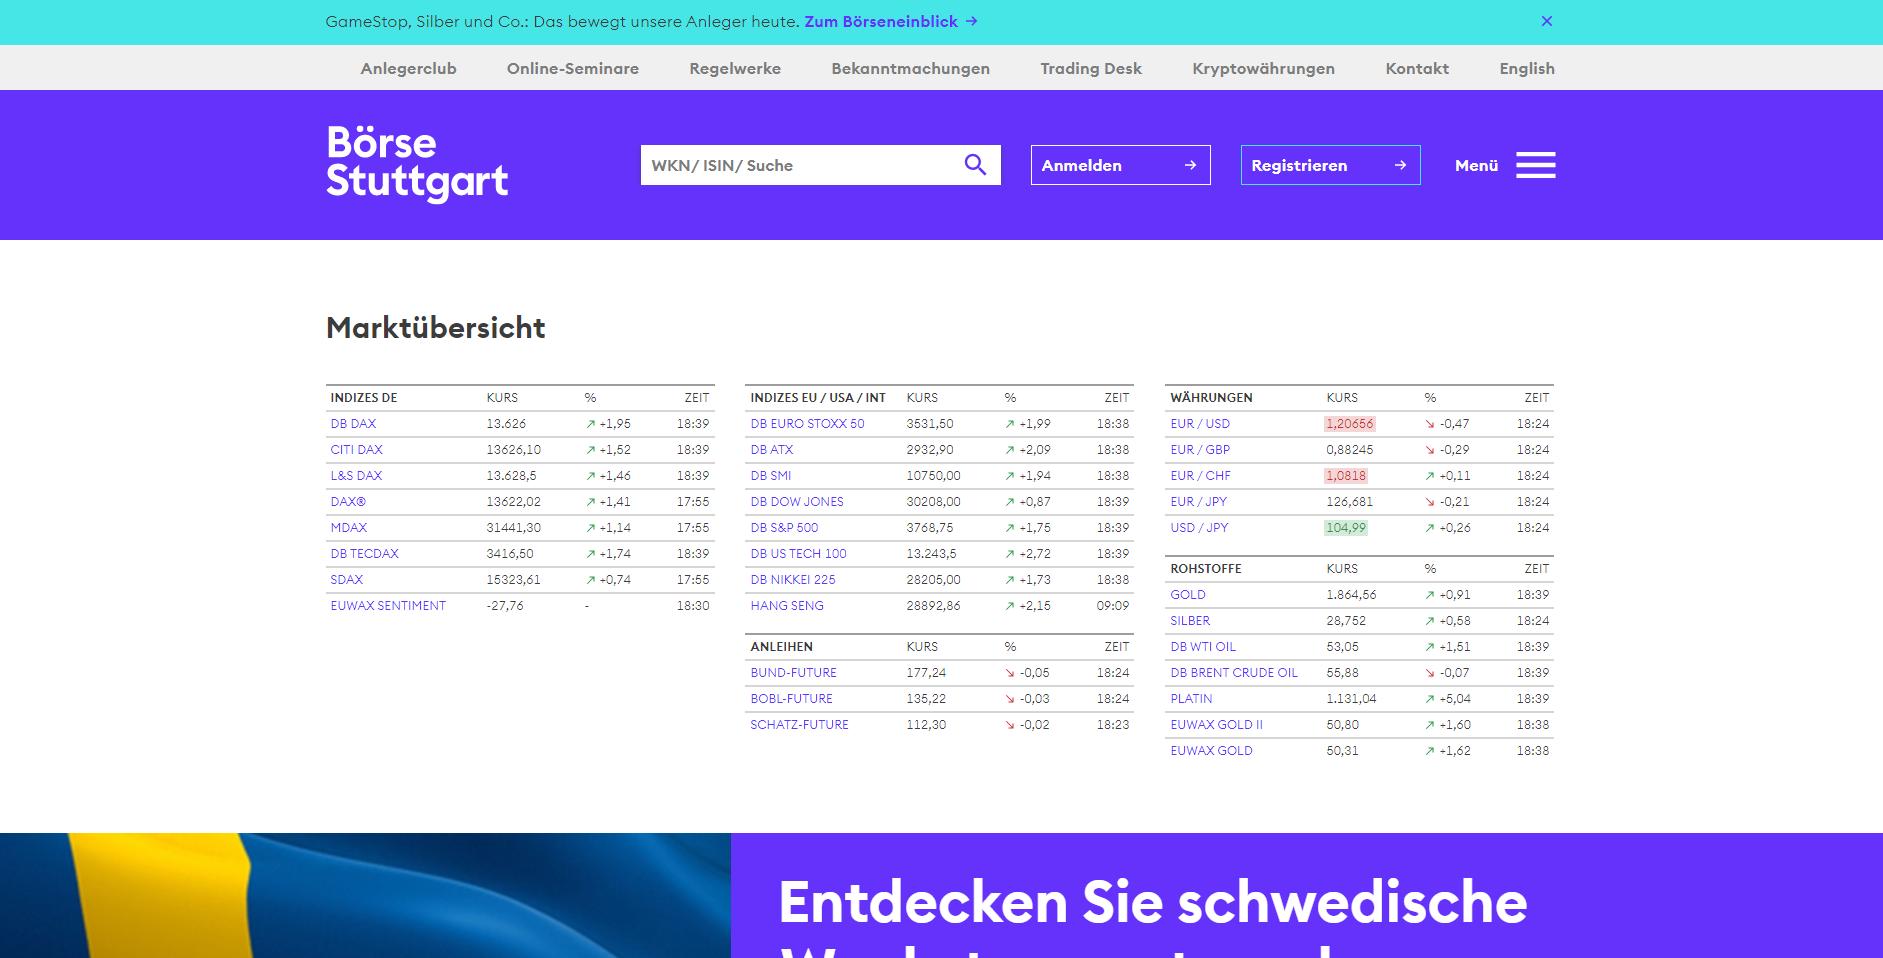 Offizielle Webseite der Börse Stuttgart